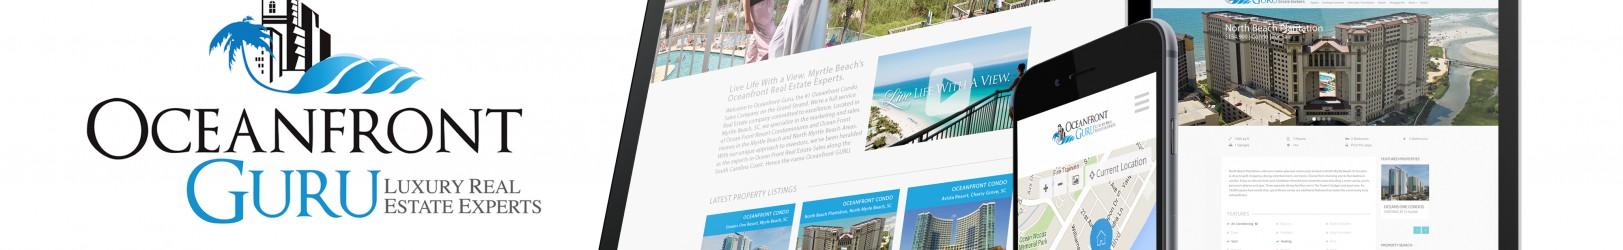 Oceanfront Guru Website